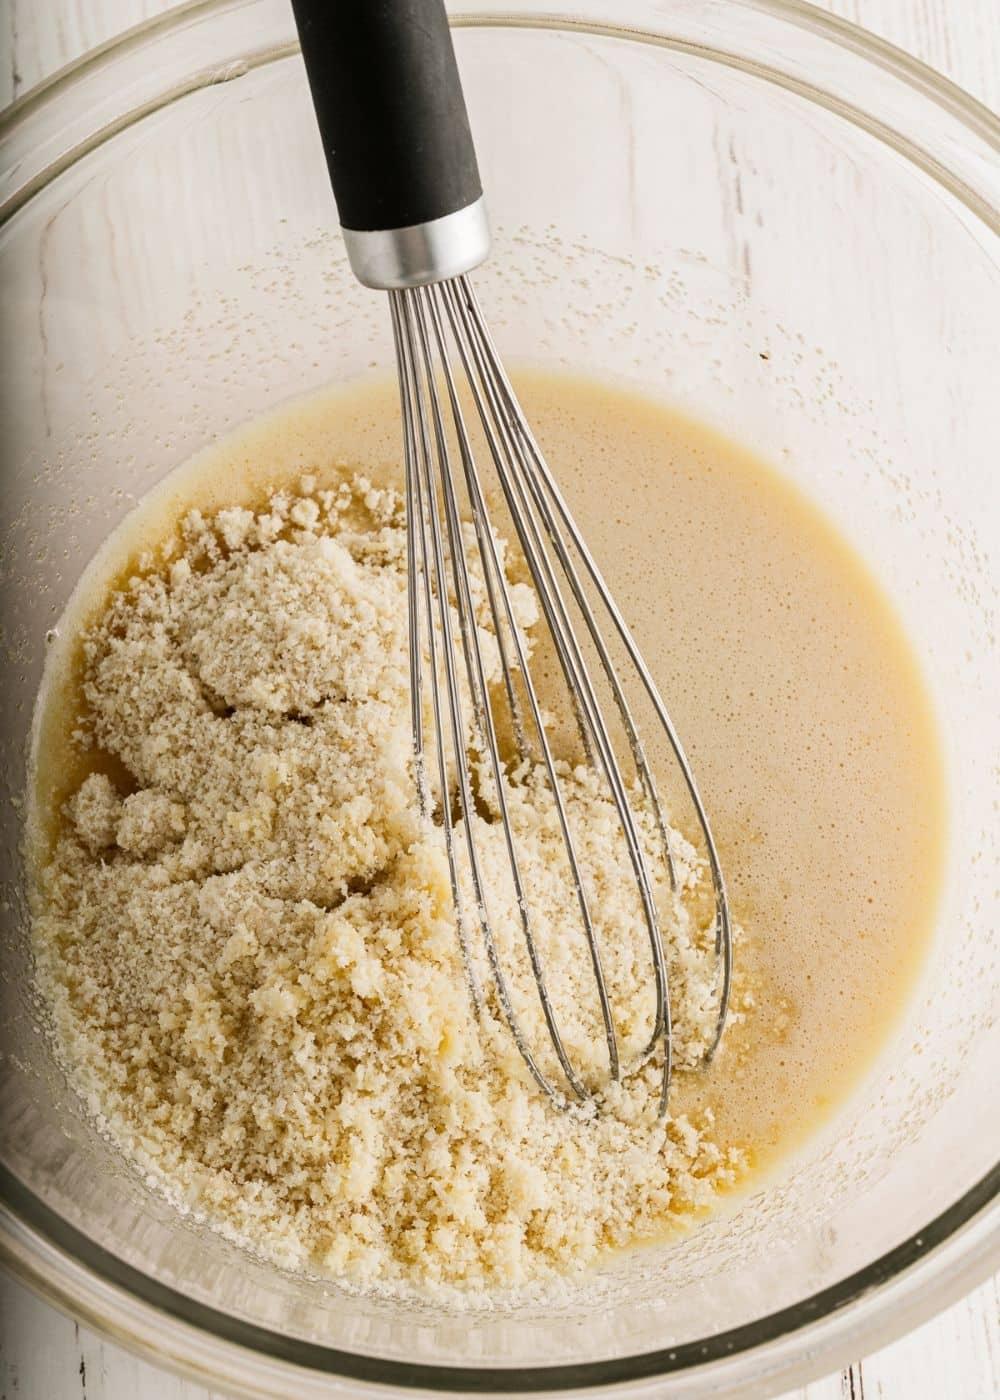 whisking in almond flour